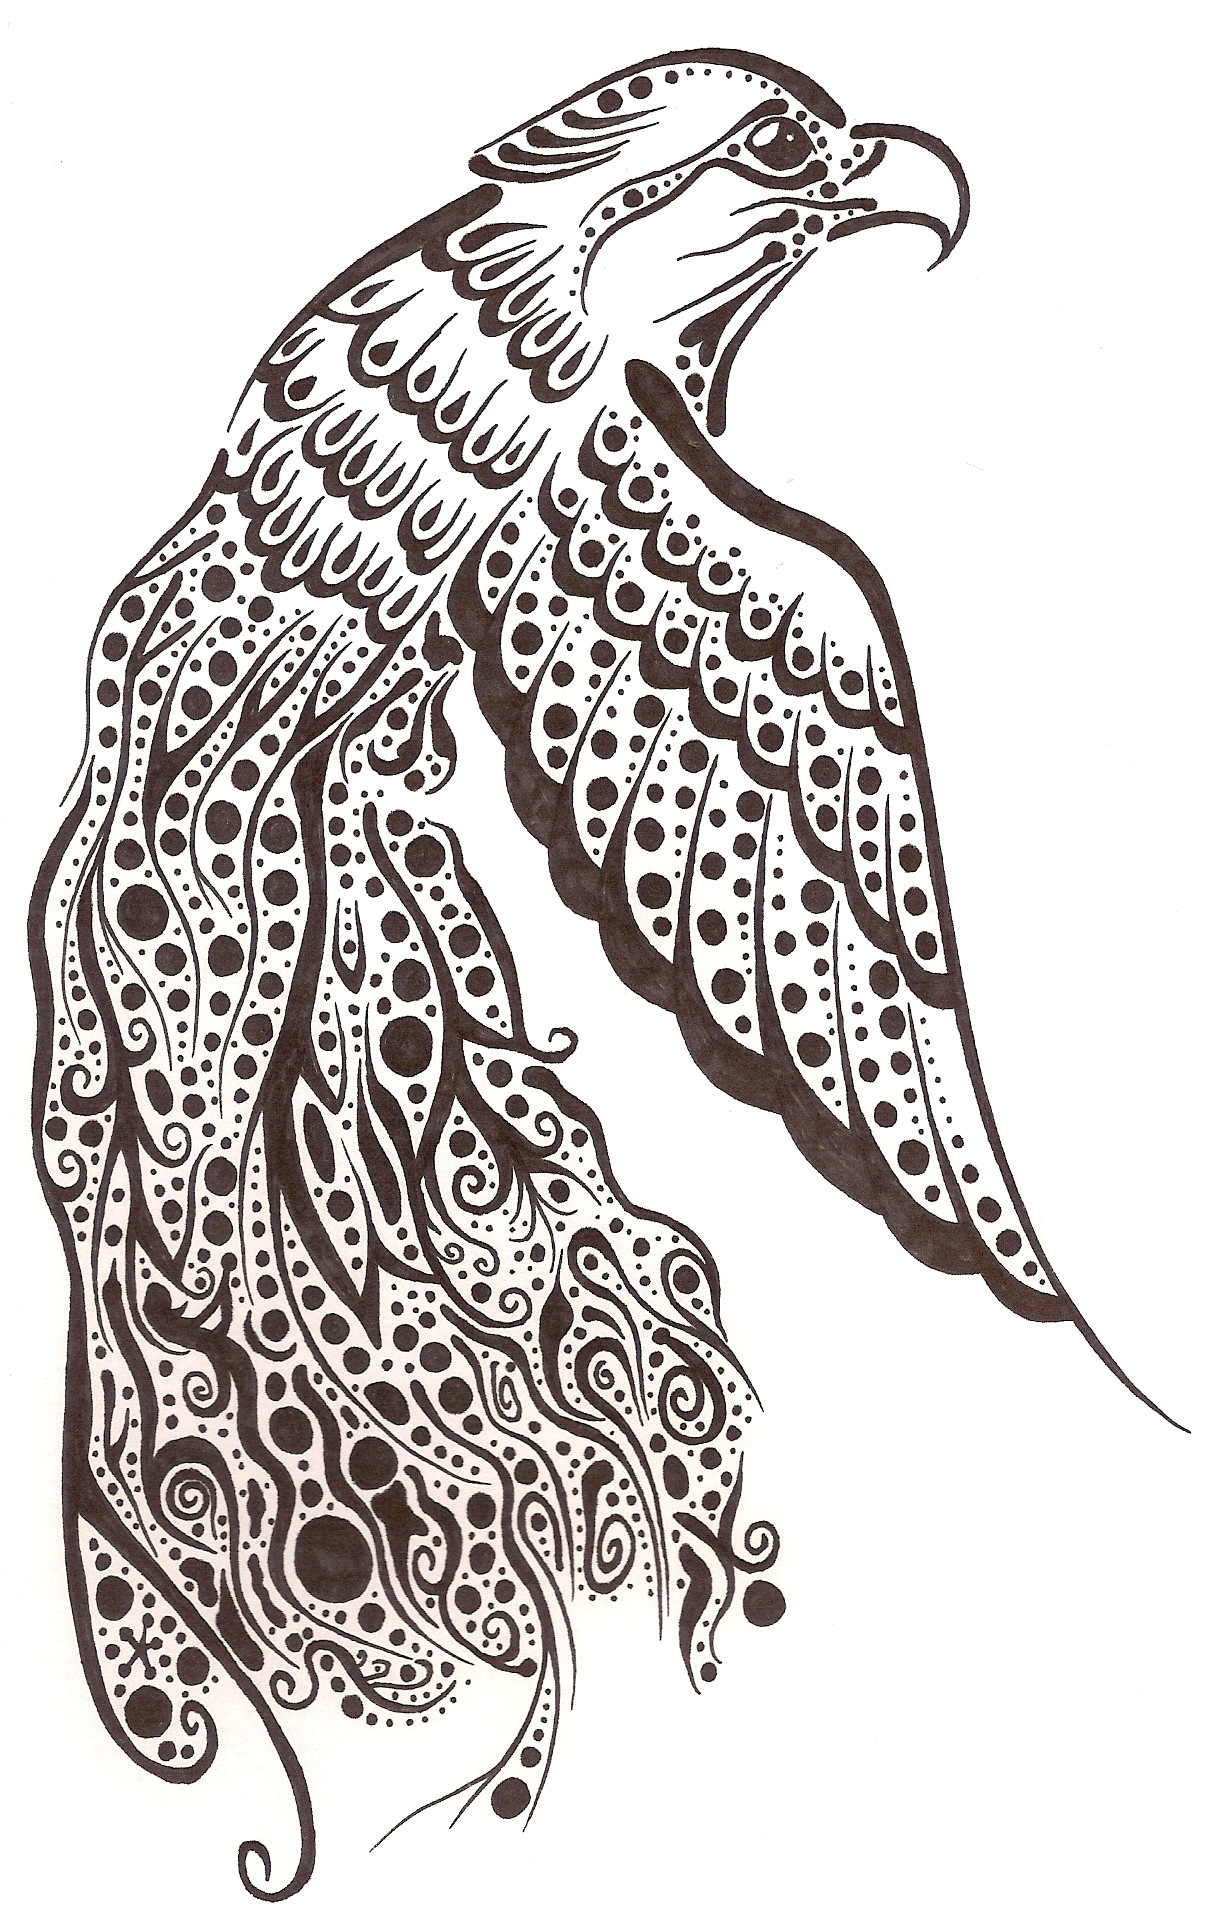 Phoenix Design by Nukeleer